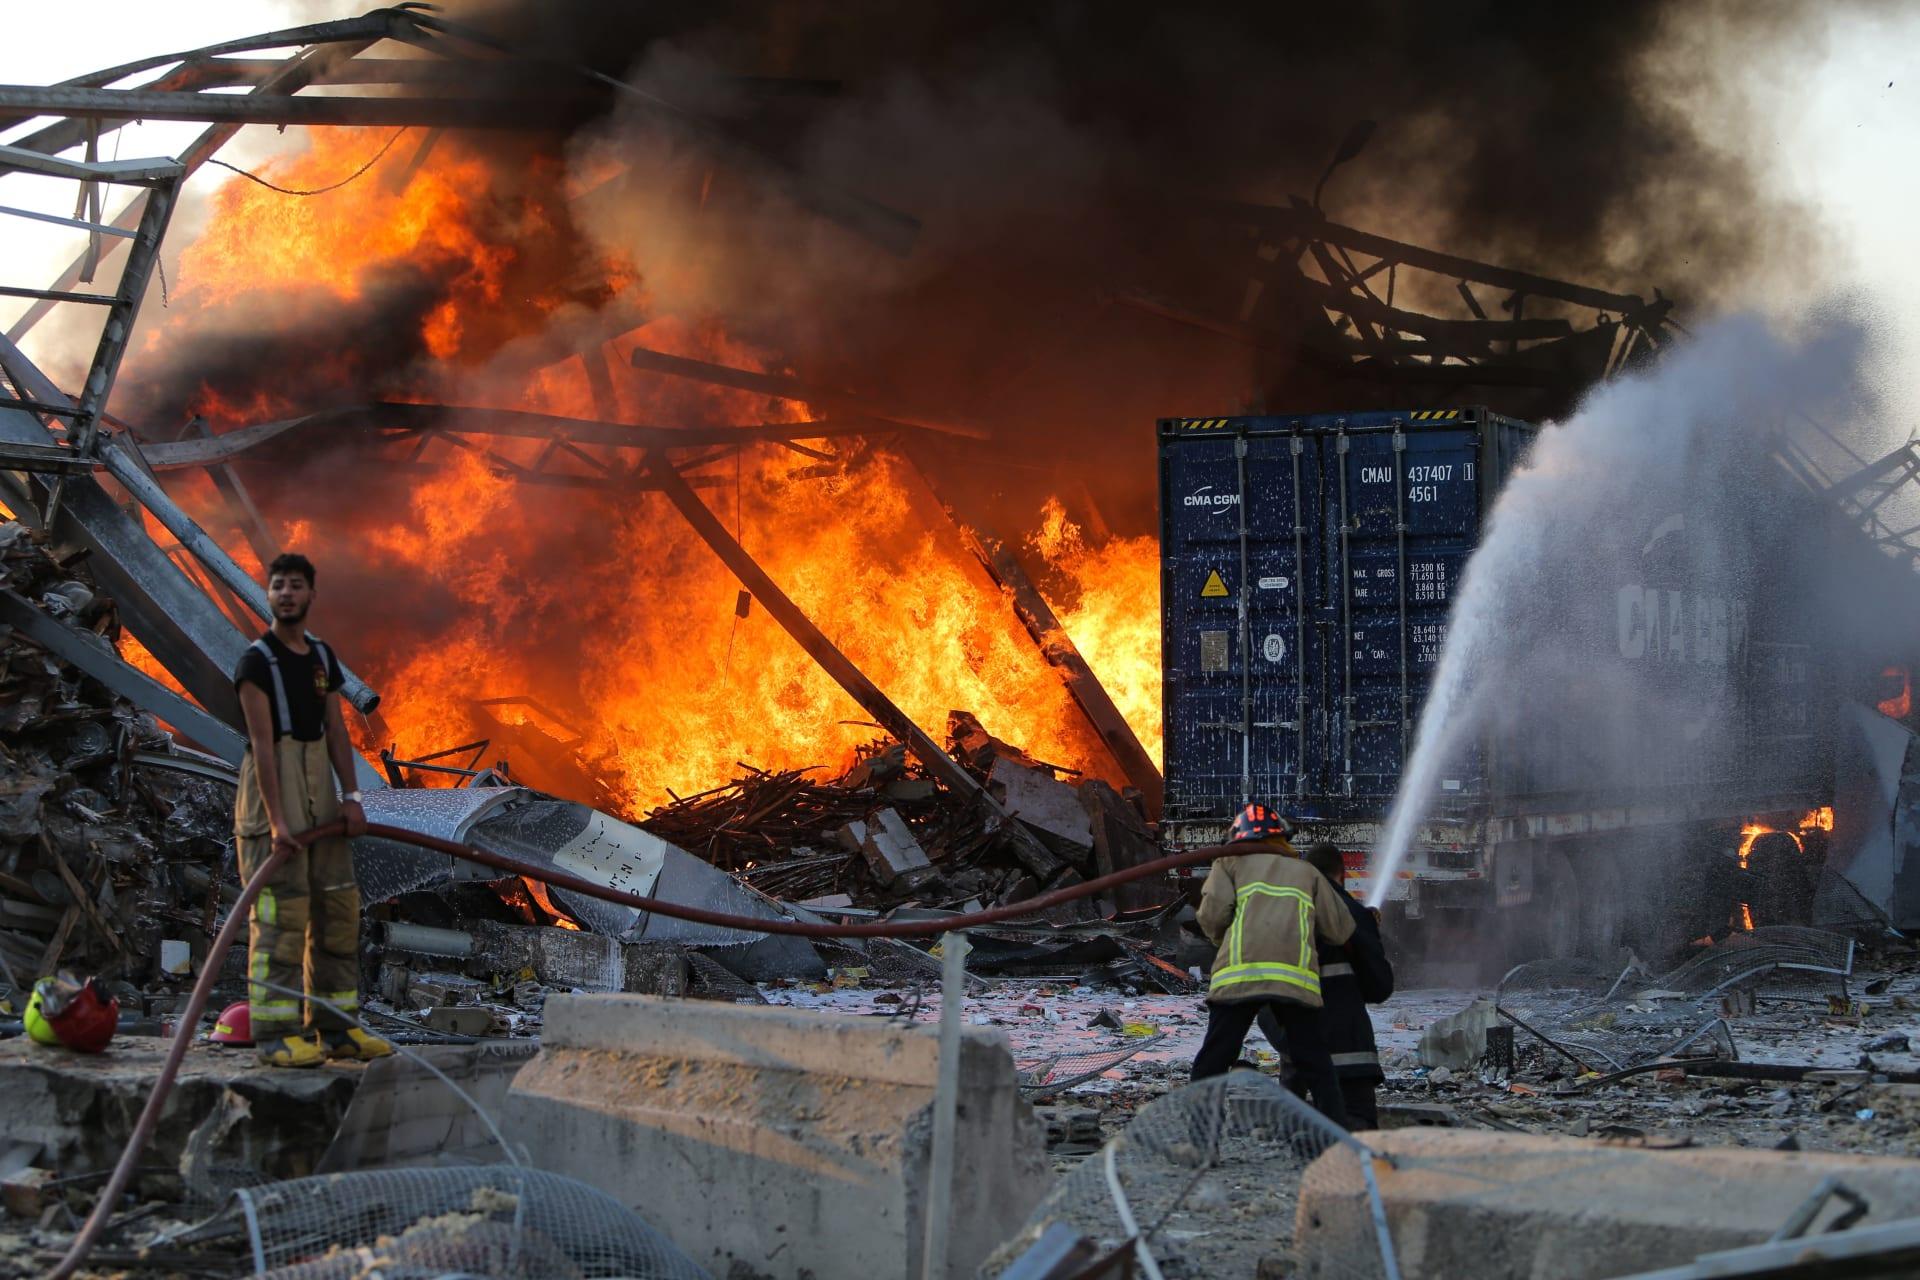 وزير الصحة اللبناني: حصيلة قتلى انفجار بيروت تبلغ 135 والإصابات 5 آلاف